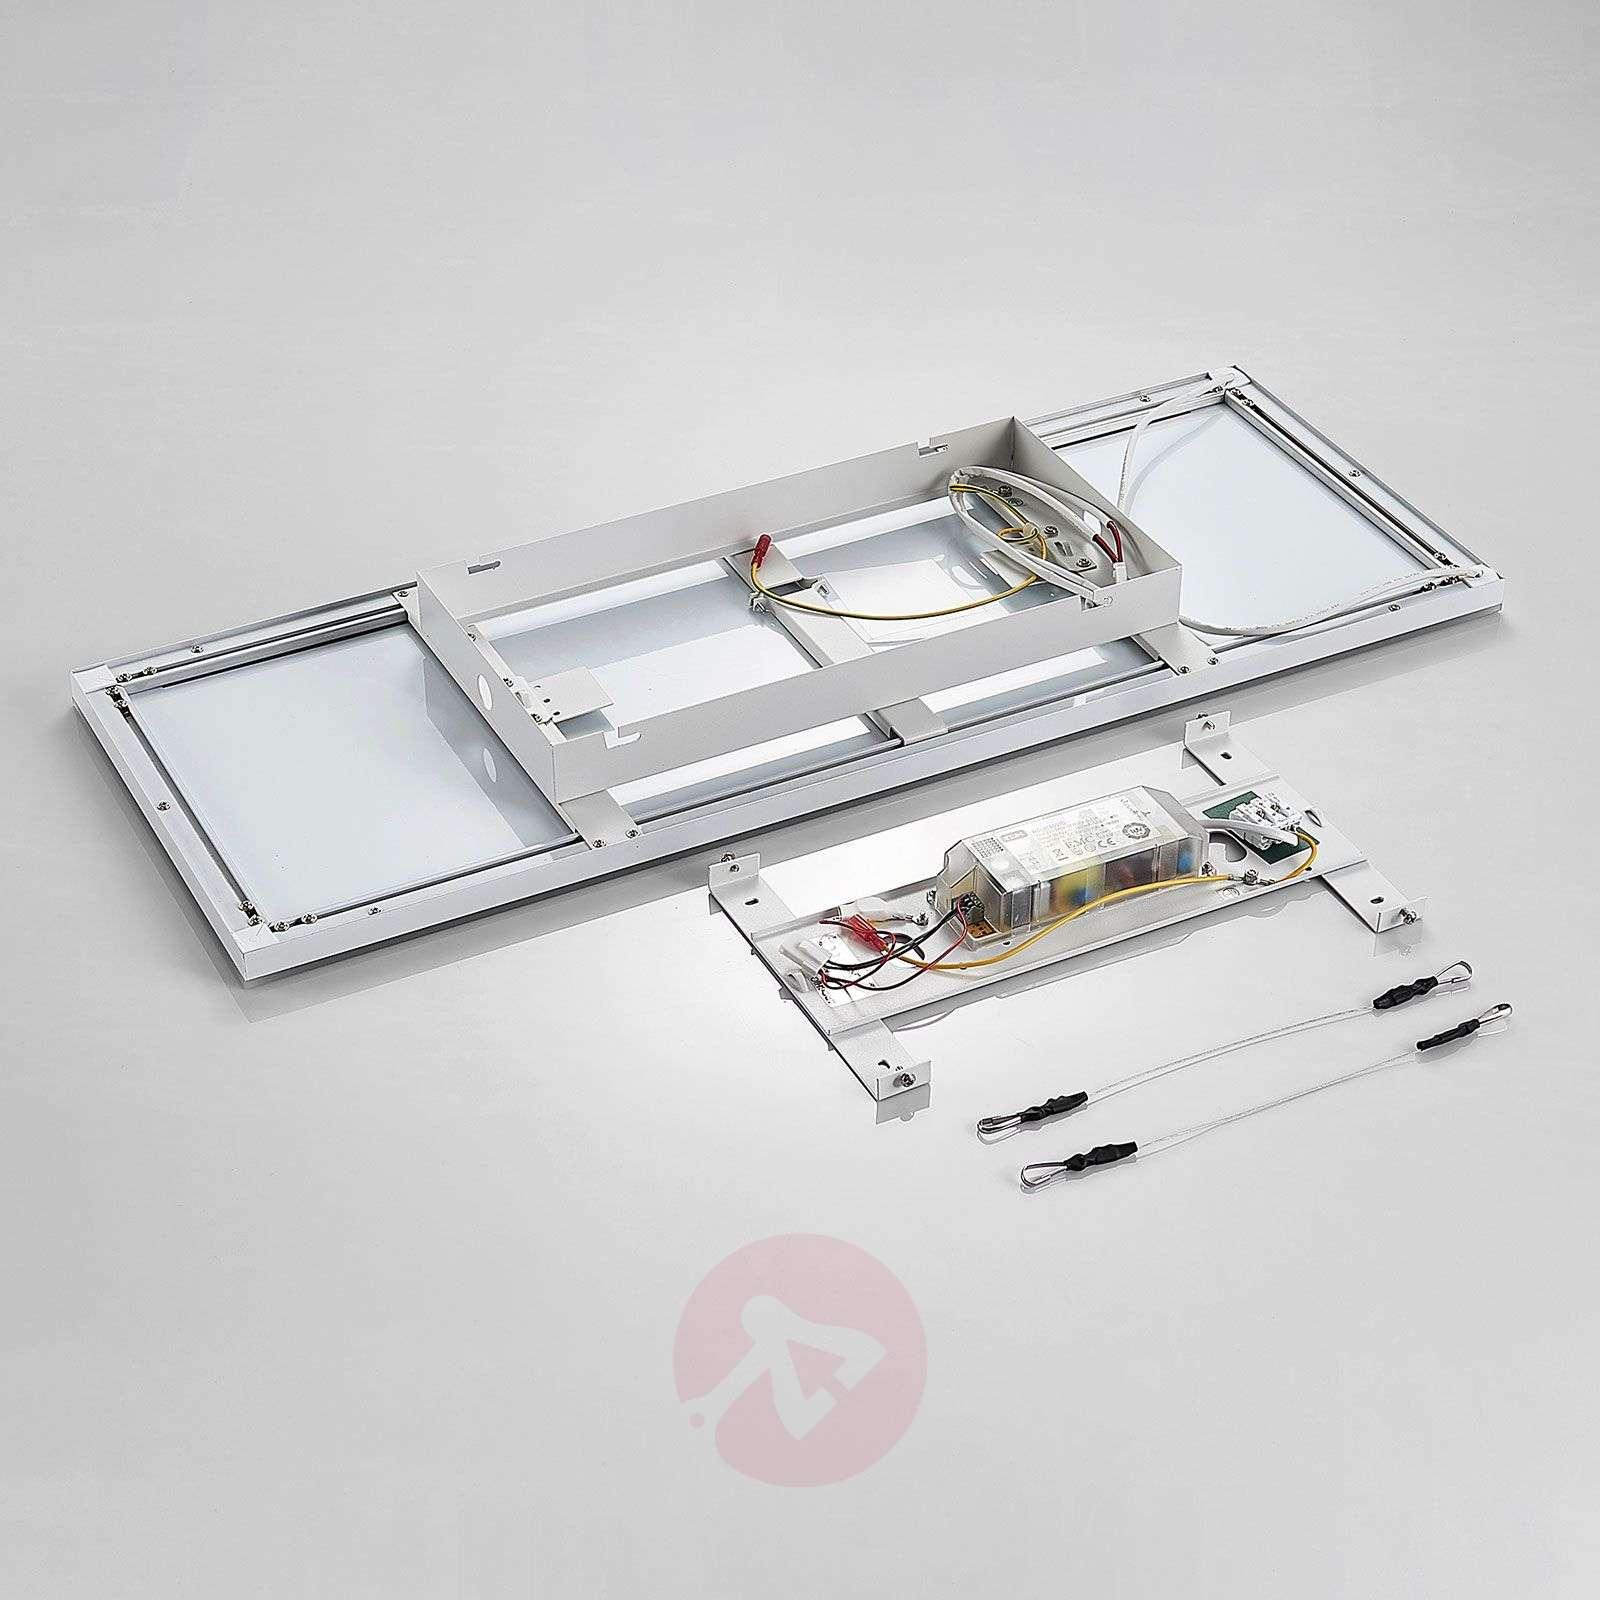 LED-paneeli Blaan CCT, kaukosäädin 79,5x29,5 cm-9624332-01